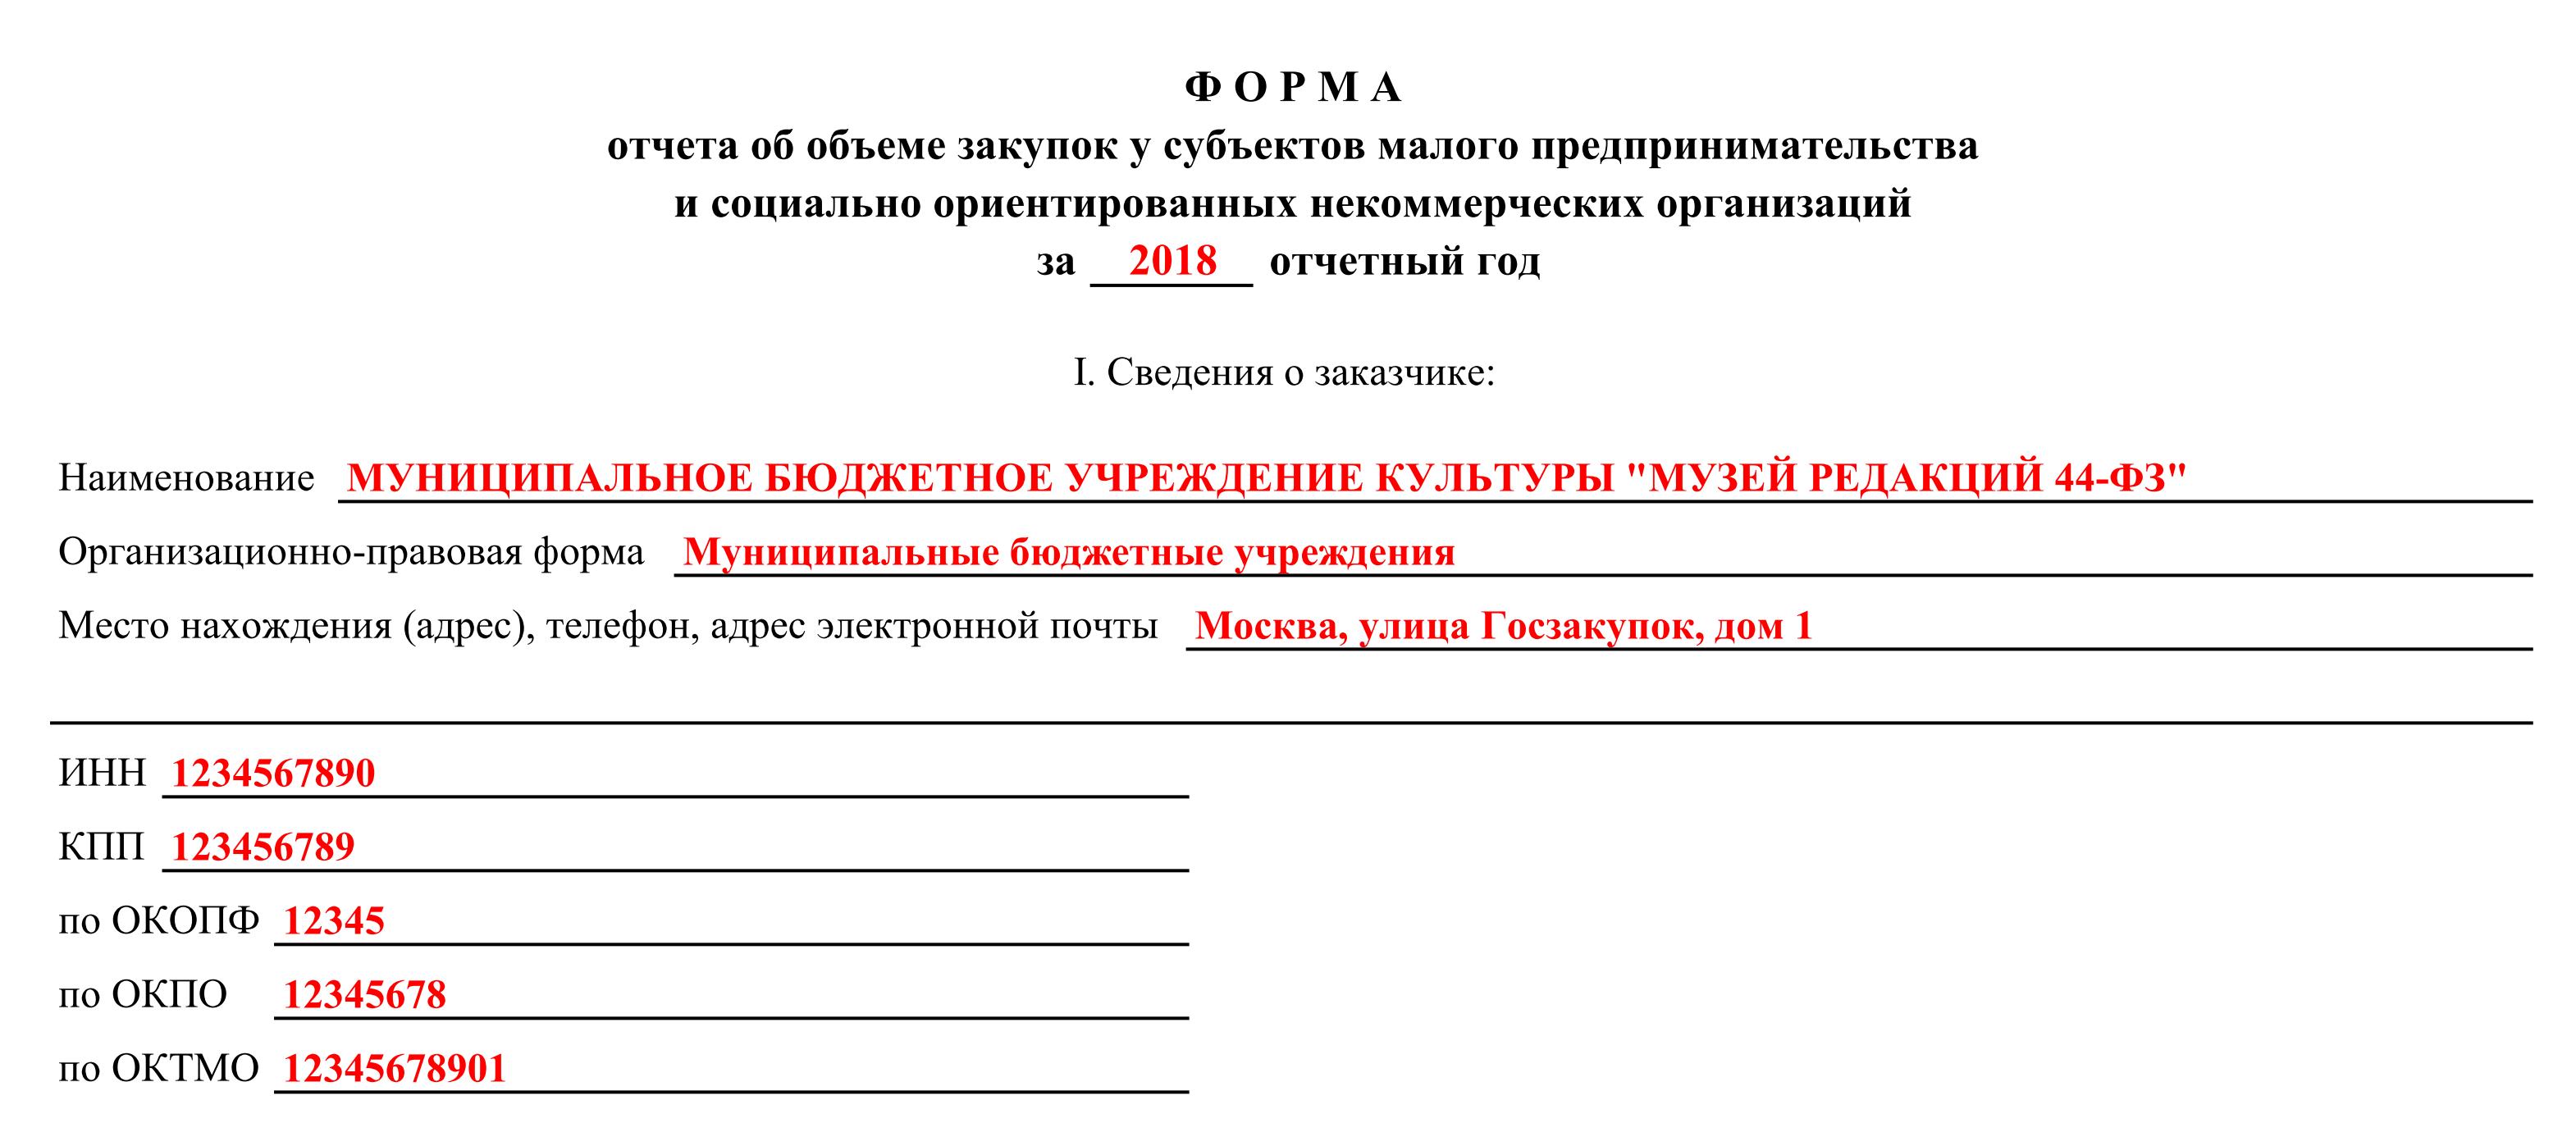 сбис электронная отчетность о программе